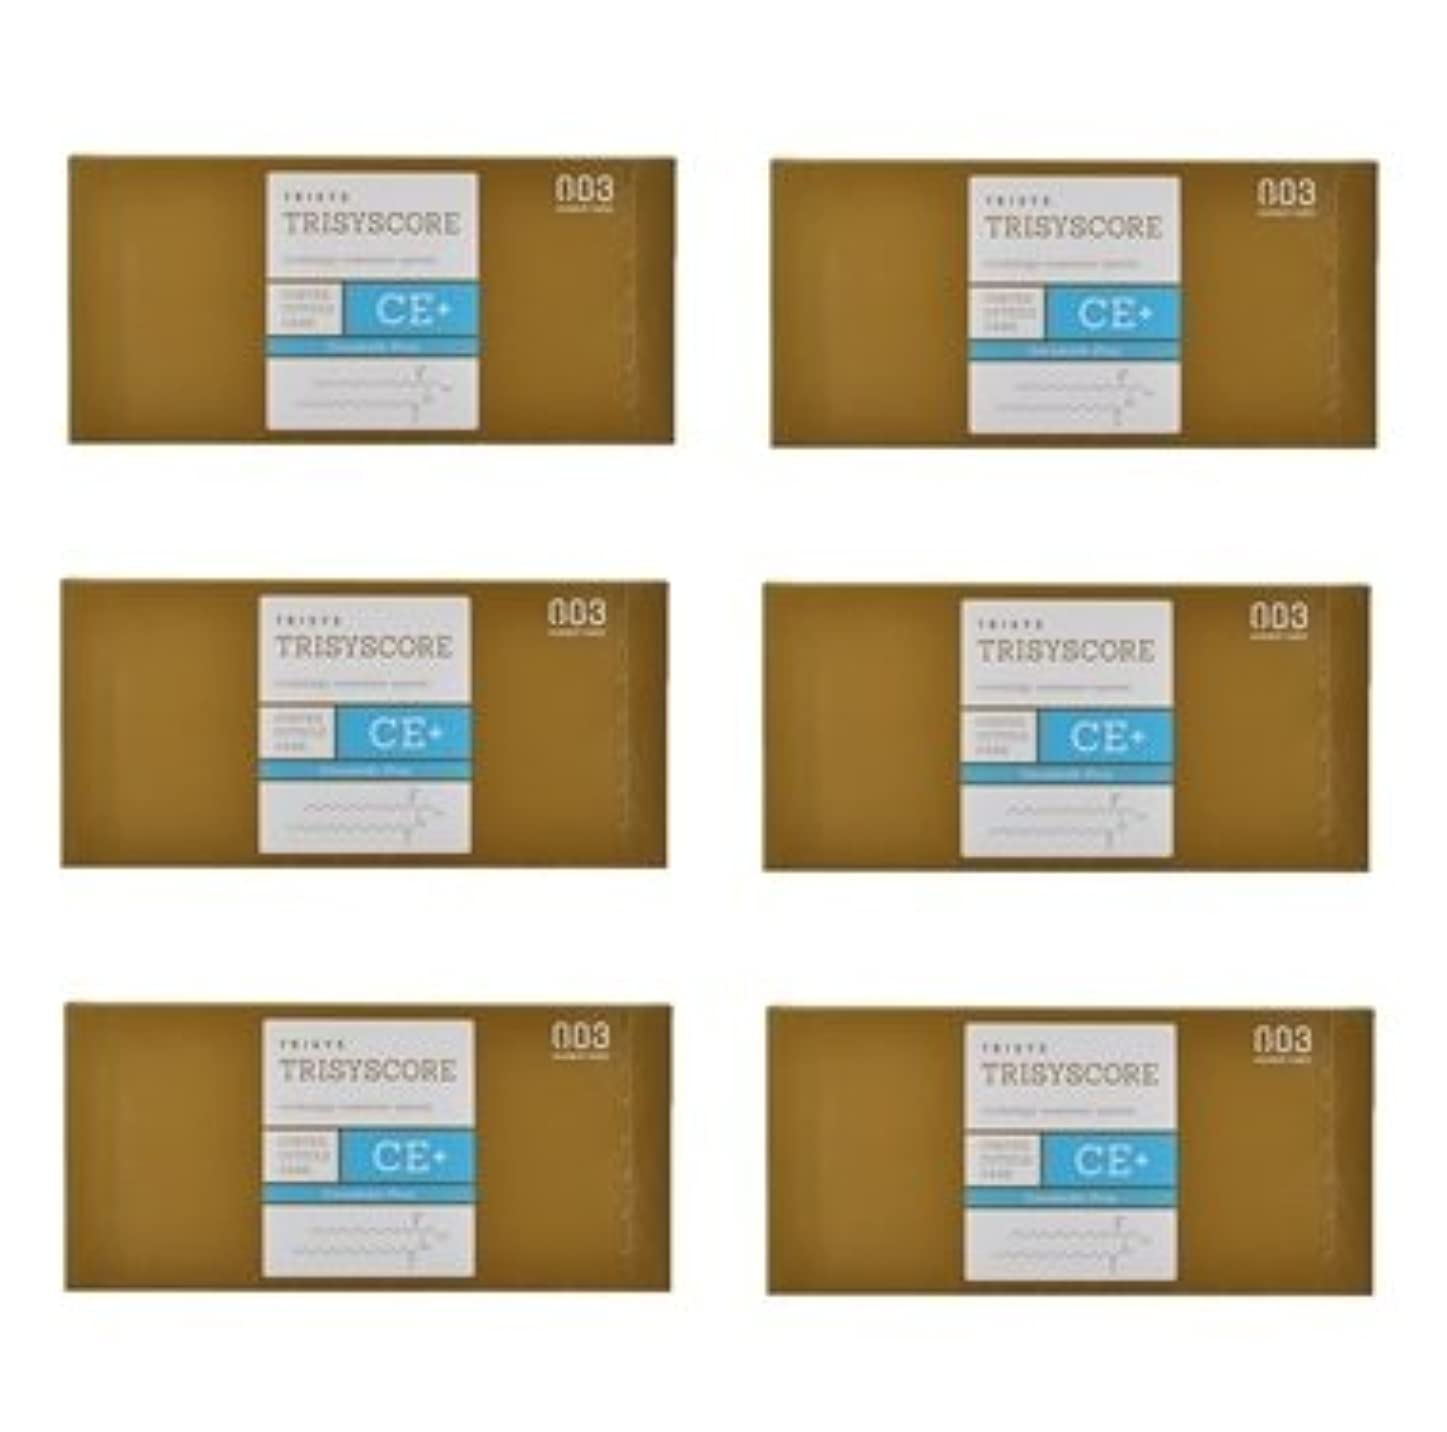 細部スキャンダル連合【X6個セット】ナンバースリー トリシスコア CEプラス (ヘアトリートメント) 12g × 4包入り